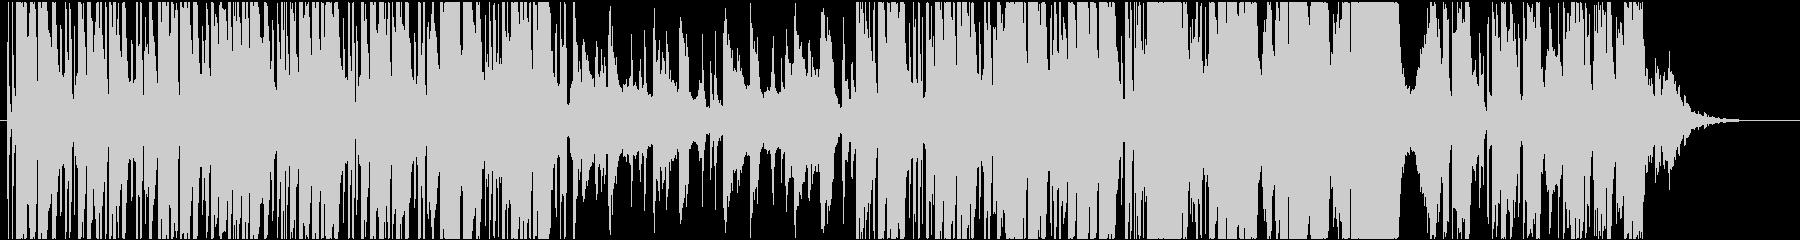 ハウス ダンス プログレッシブ フ...の未再生の波形